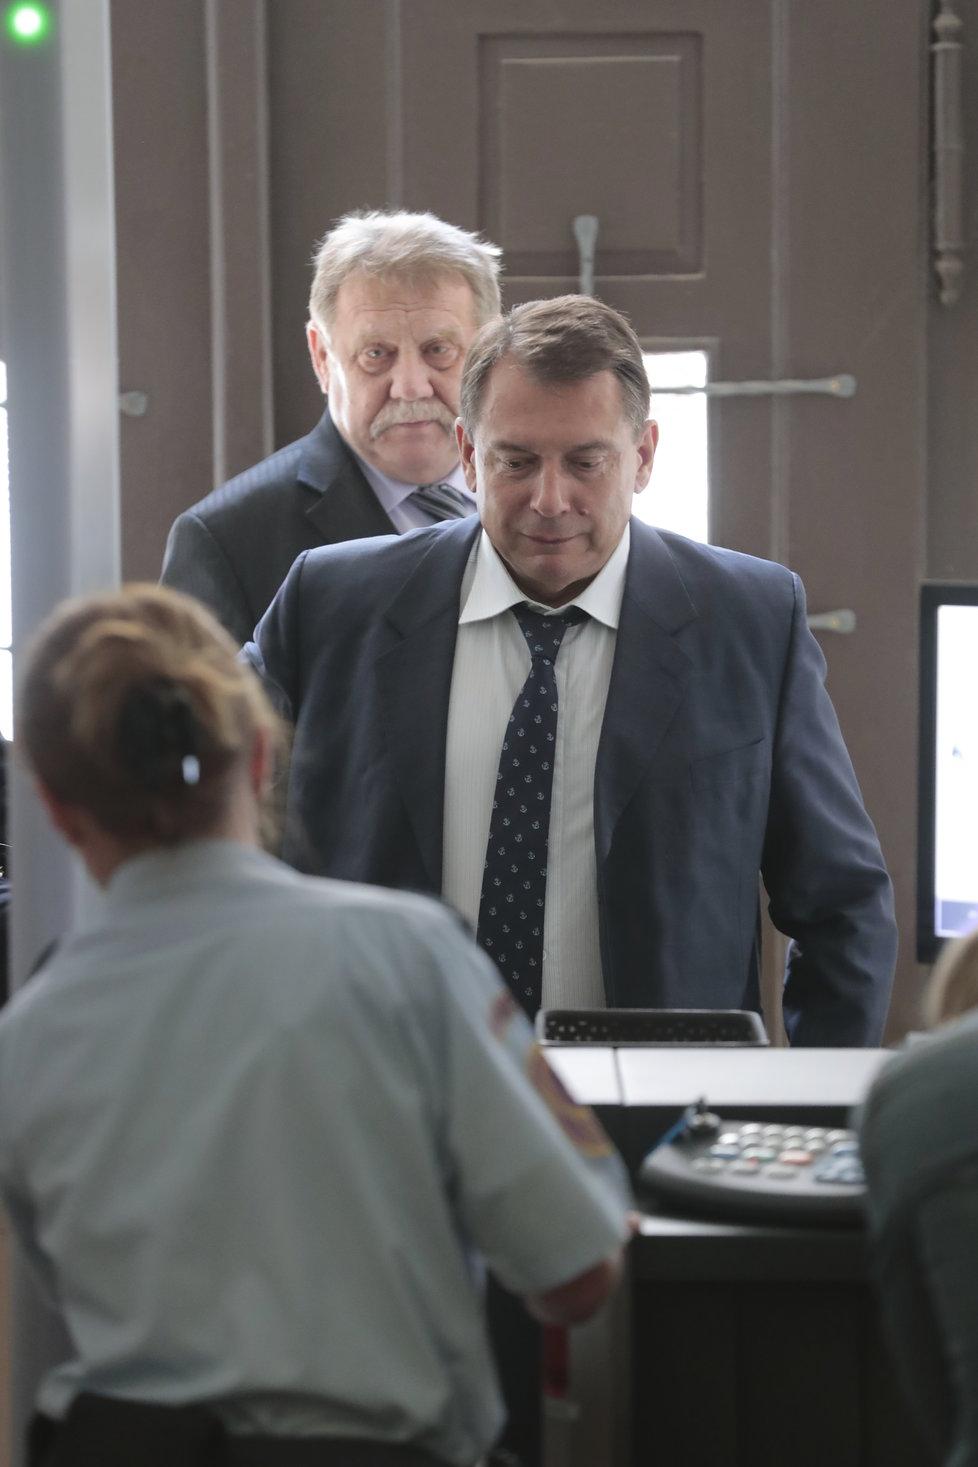 Jiří Paroubek u vstupu do budovy soudu. Za zády mu stojí jeho právní zástupce.